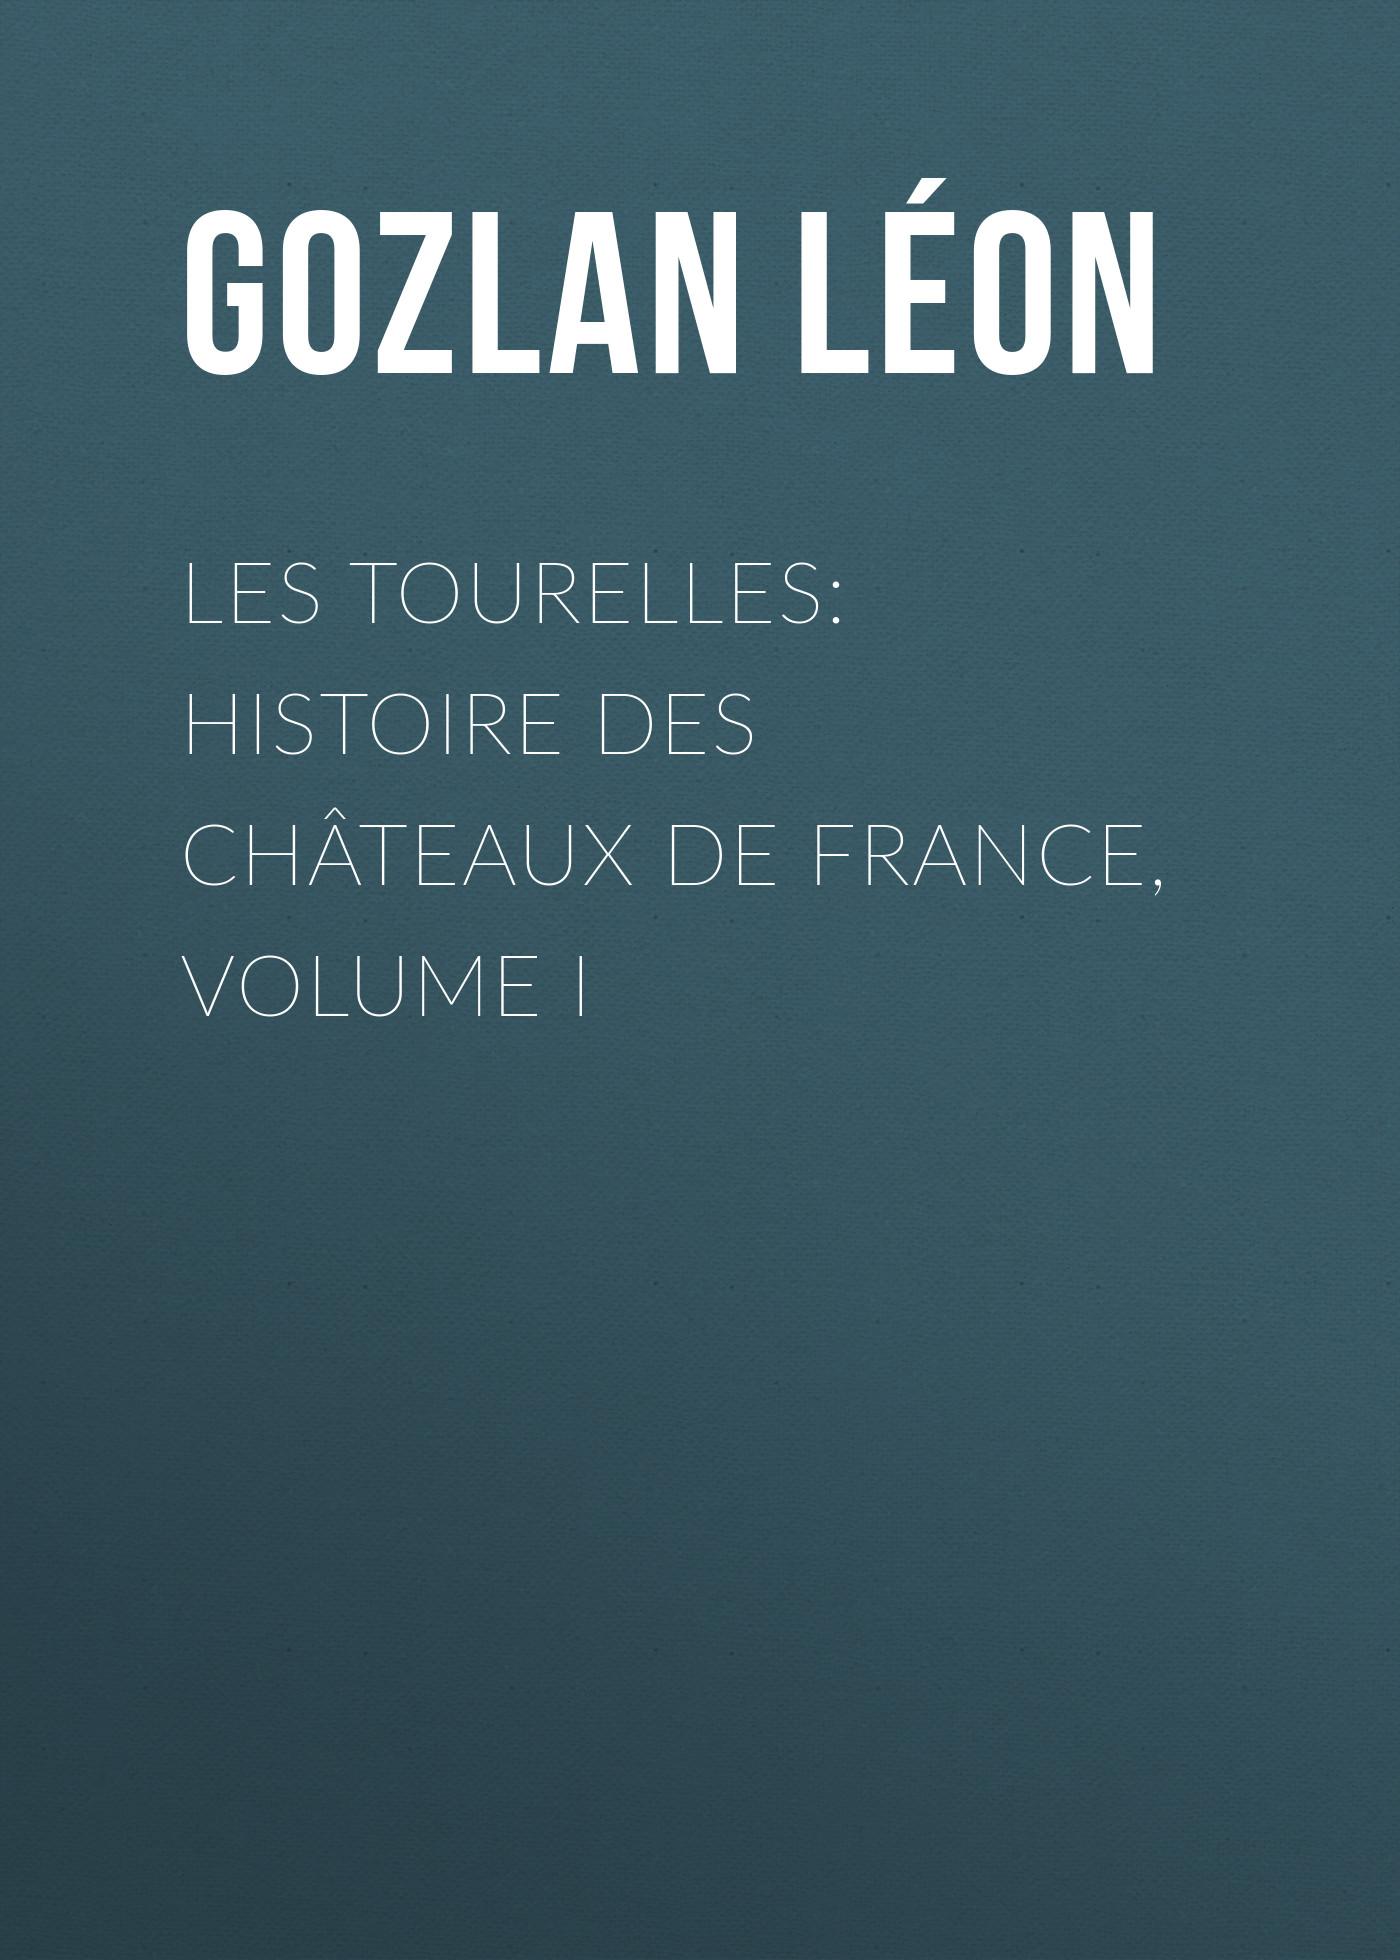 Gozlan Léon Les Tourelles: Histoire des châteaux de France, volume I auguste bouché leclercq histoire des lagides volume 1 french edition